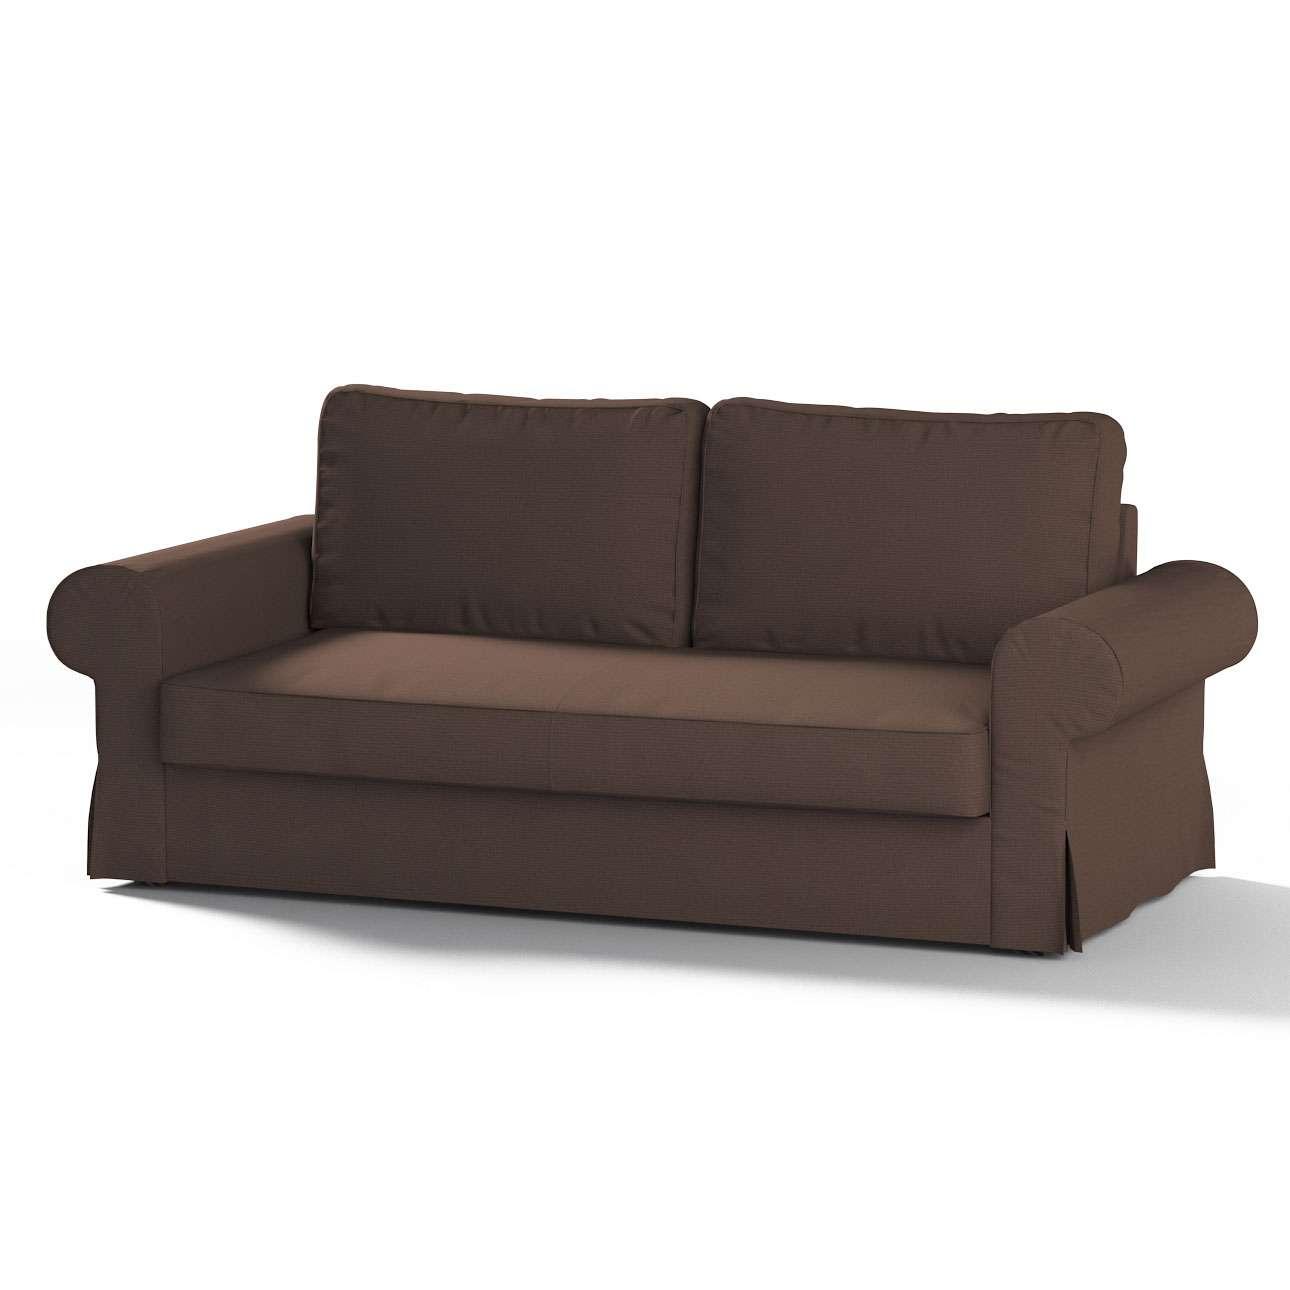 Pokrowiec na sofę Backabro 3-osobową rozkładaną w kolekcji Etna, tkanina: 705-08